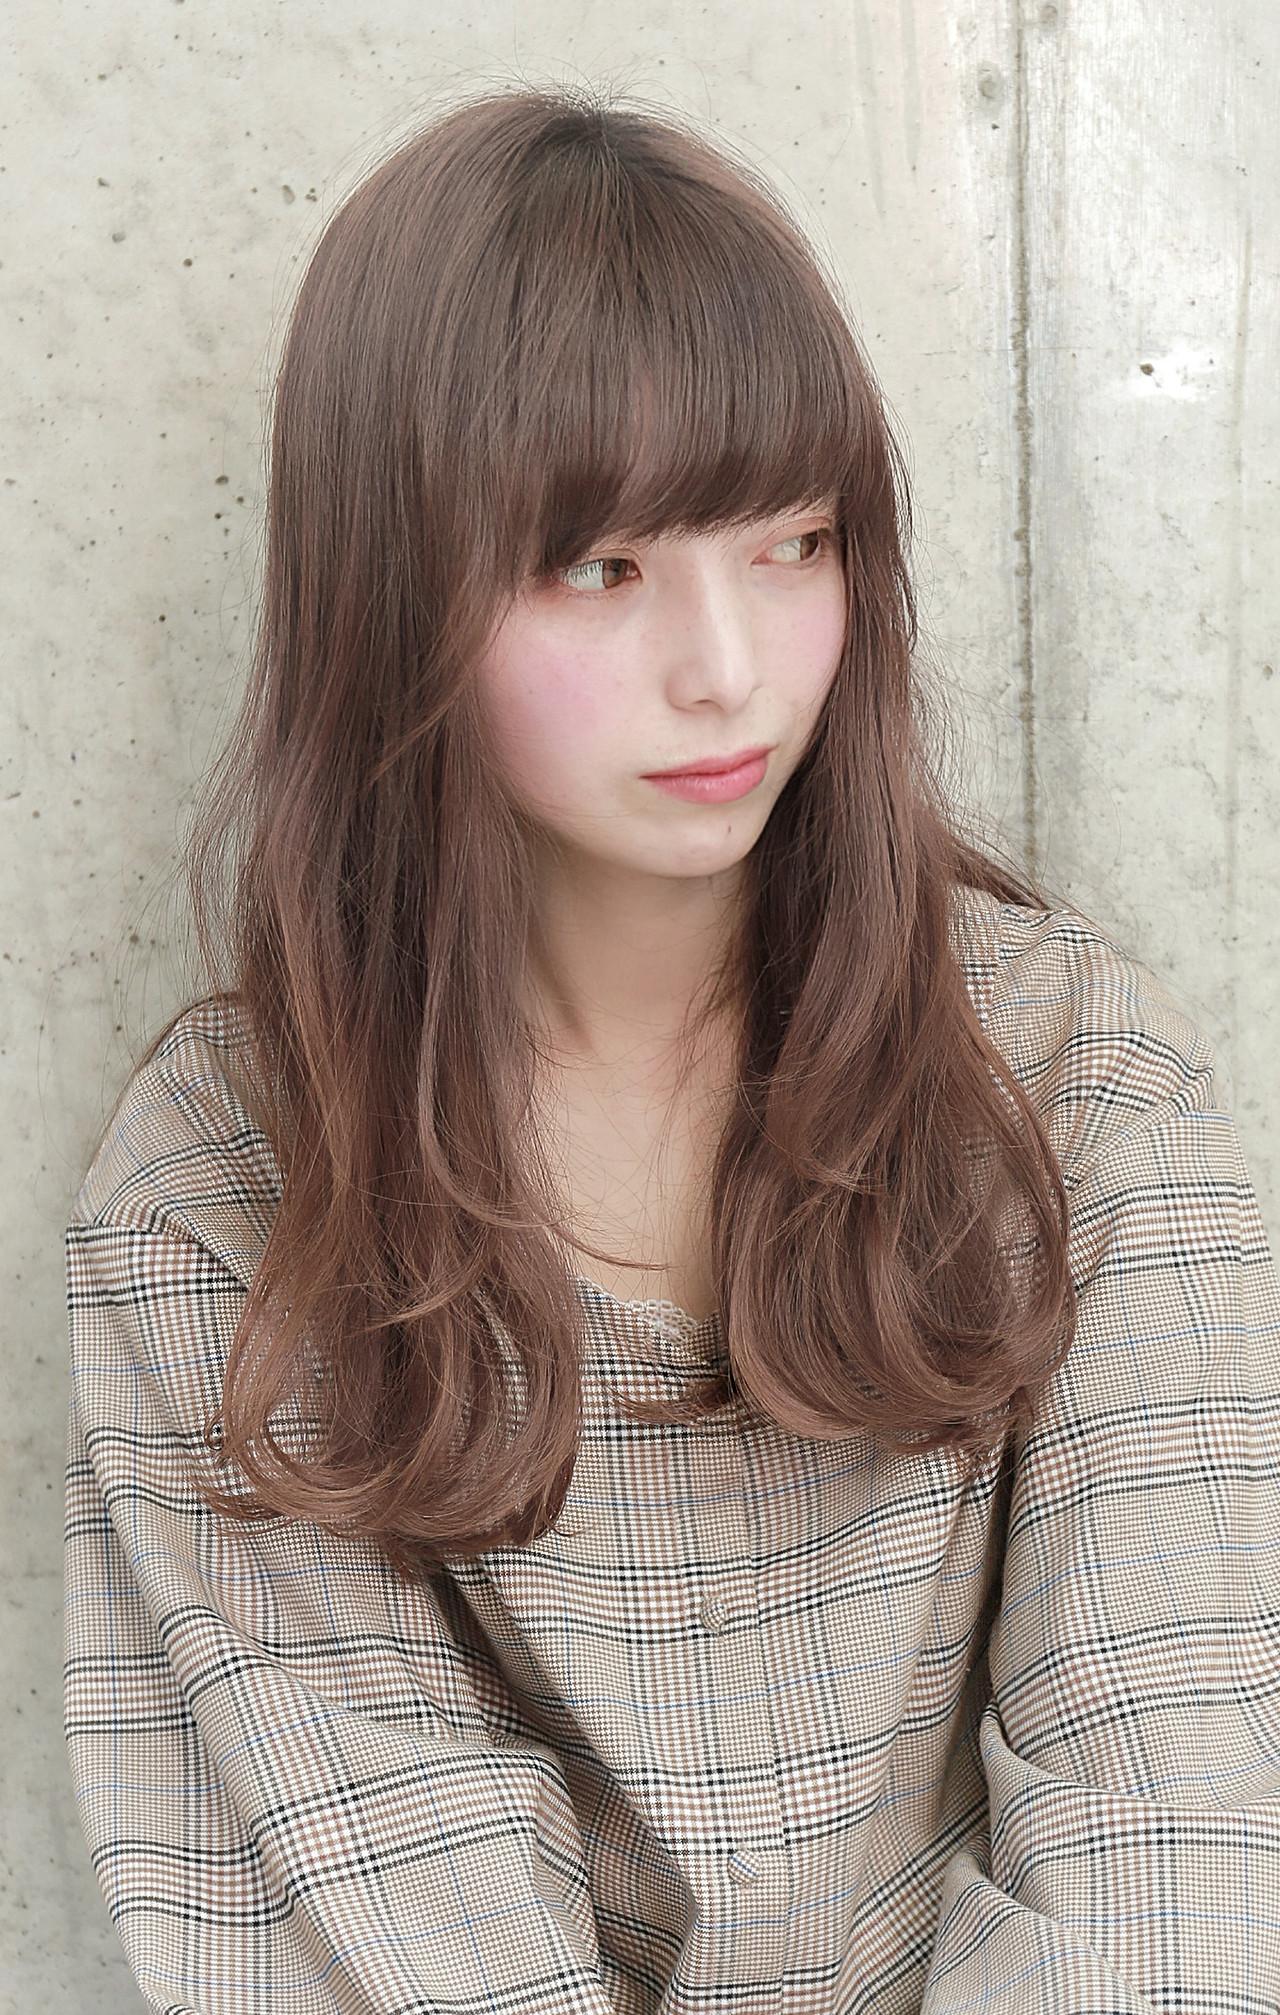 モテ髪 透明感 秋 ロング ヘアスタイルや髪型の写真・画像